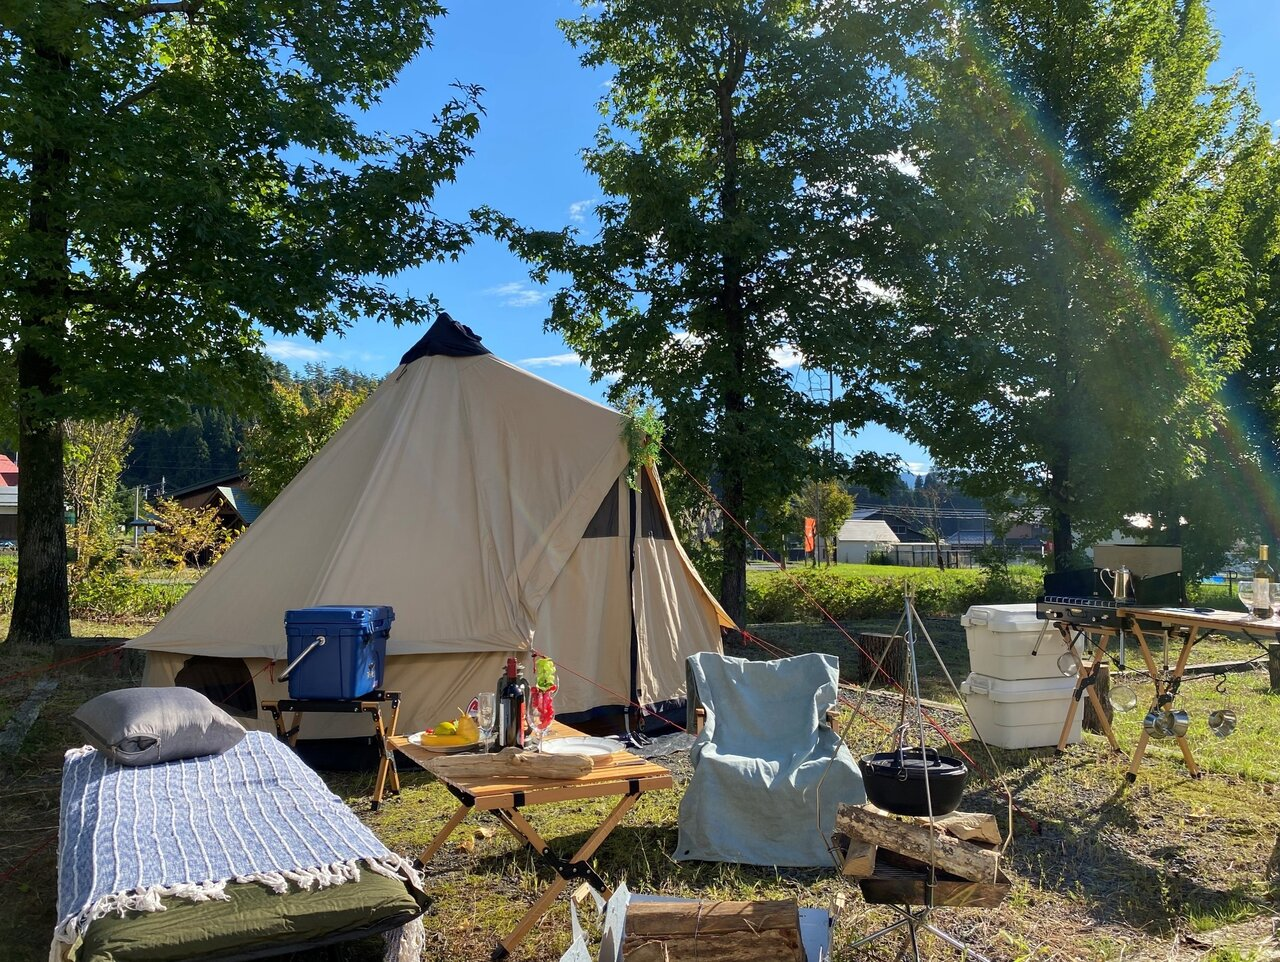 1日2組の限定パック!深まる秋に楽しみたい「キャンプ&スパプラン」